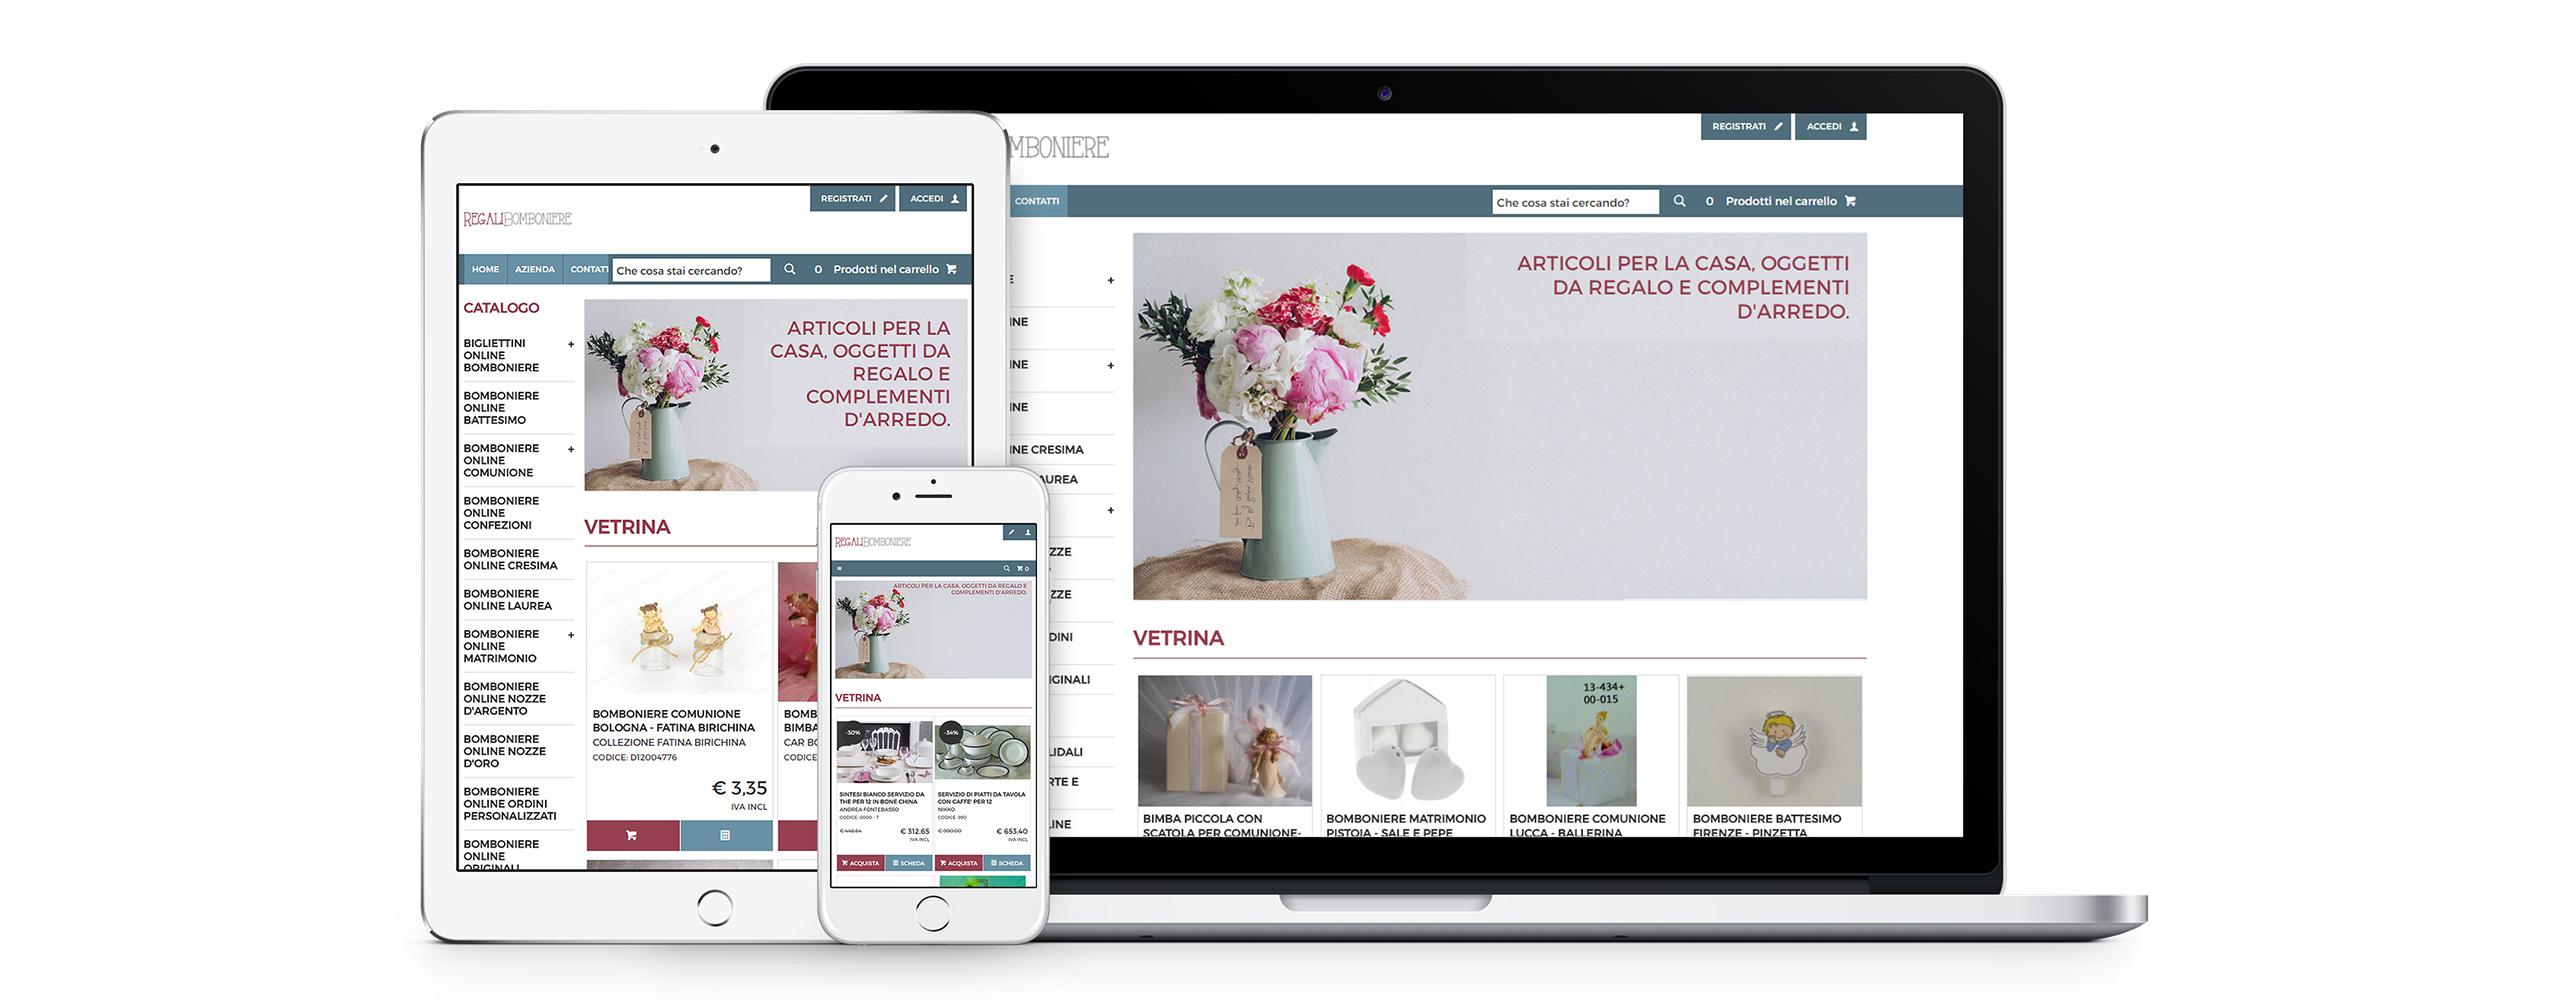 Realizzazione sito e commerce per la vendita di articoli for Vendita online oggettistica casa